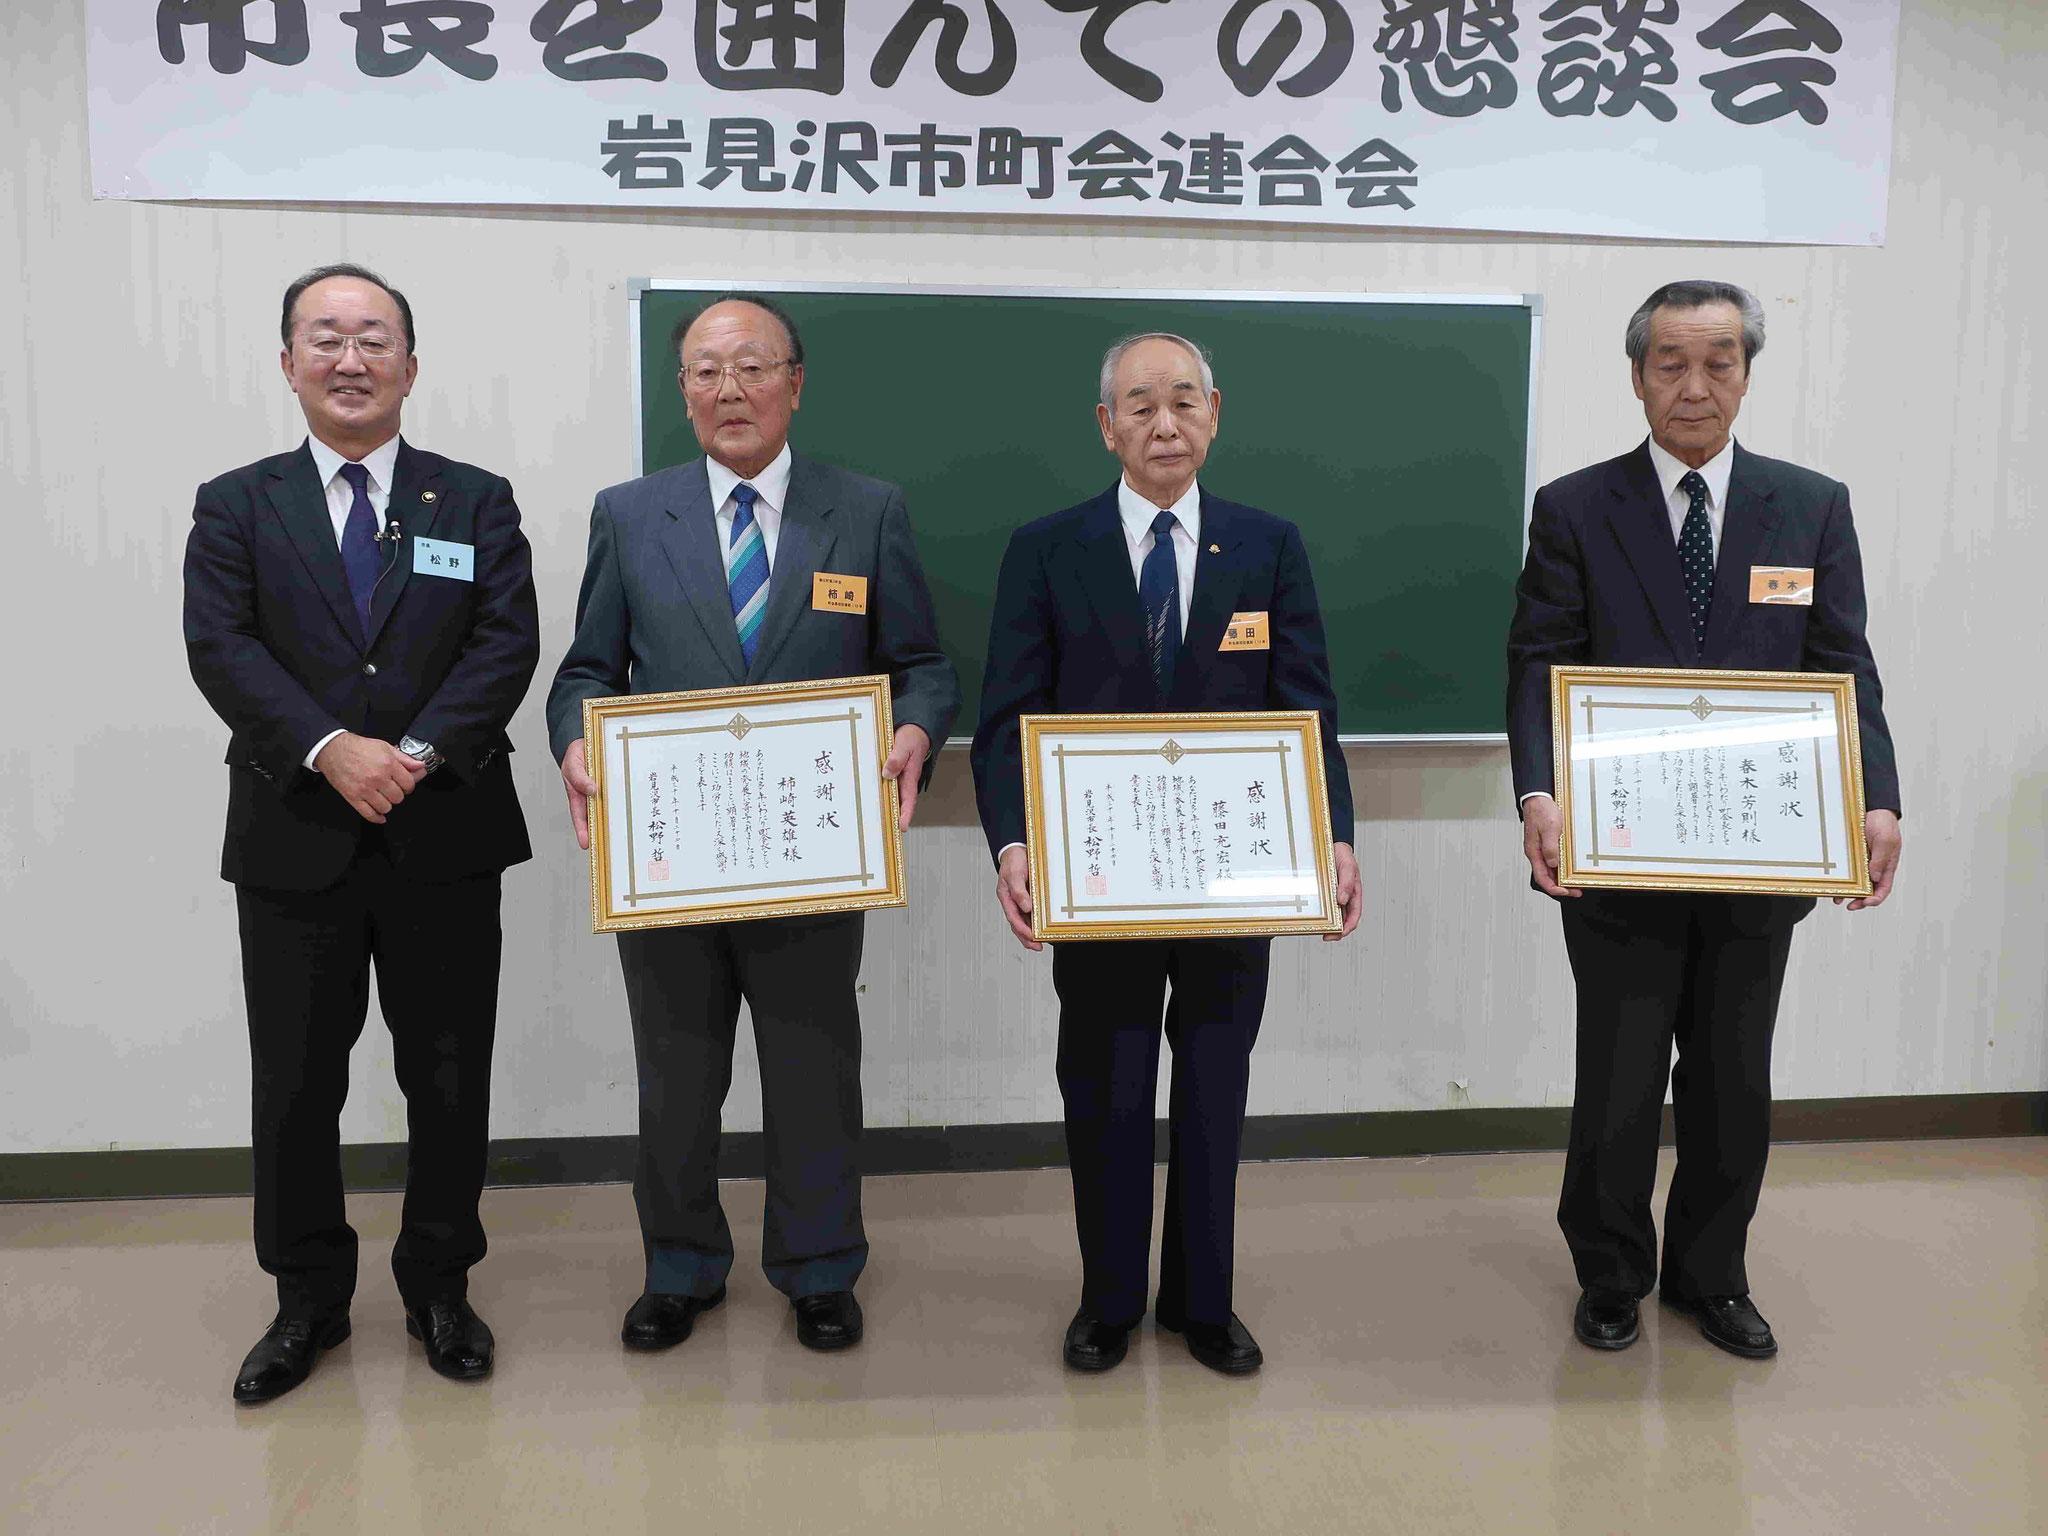 感謝状贈呈者(左から)柿崎氏、藤田氏、春木氏